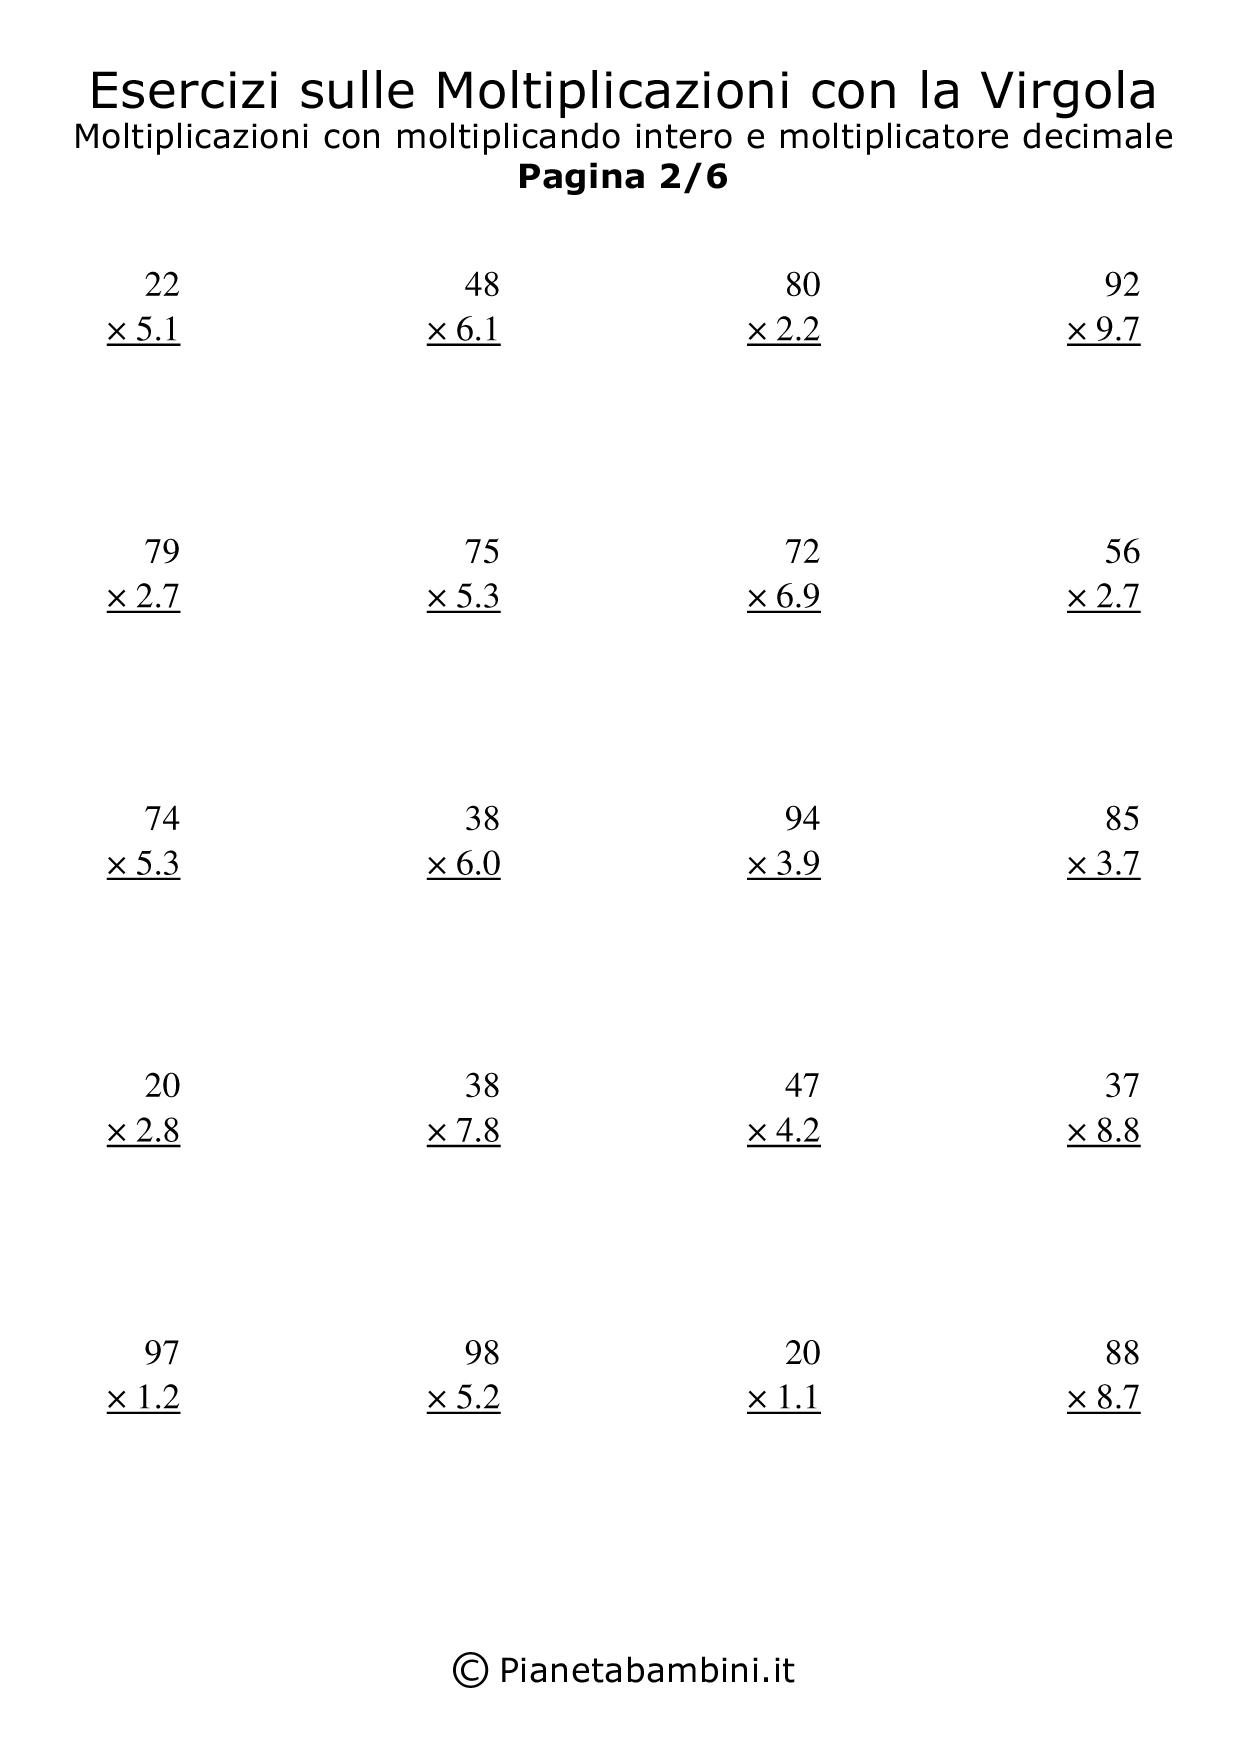 Moltiplicazioni-Virgola-Intero-X-Decimale_2